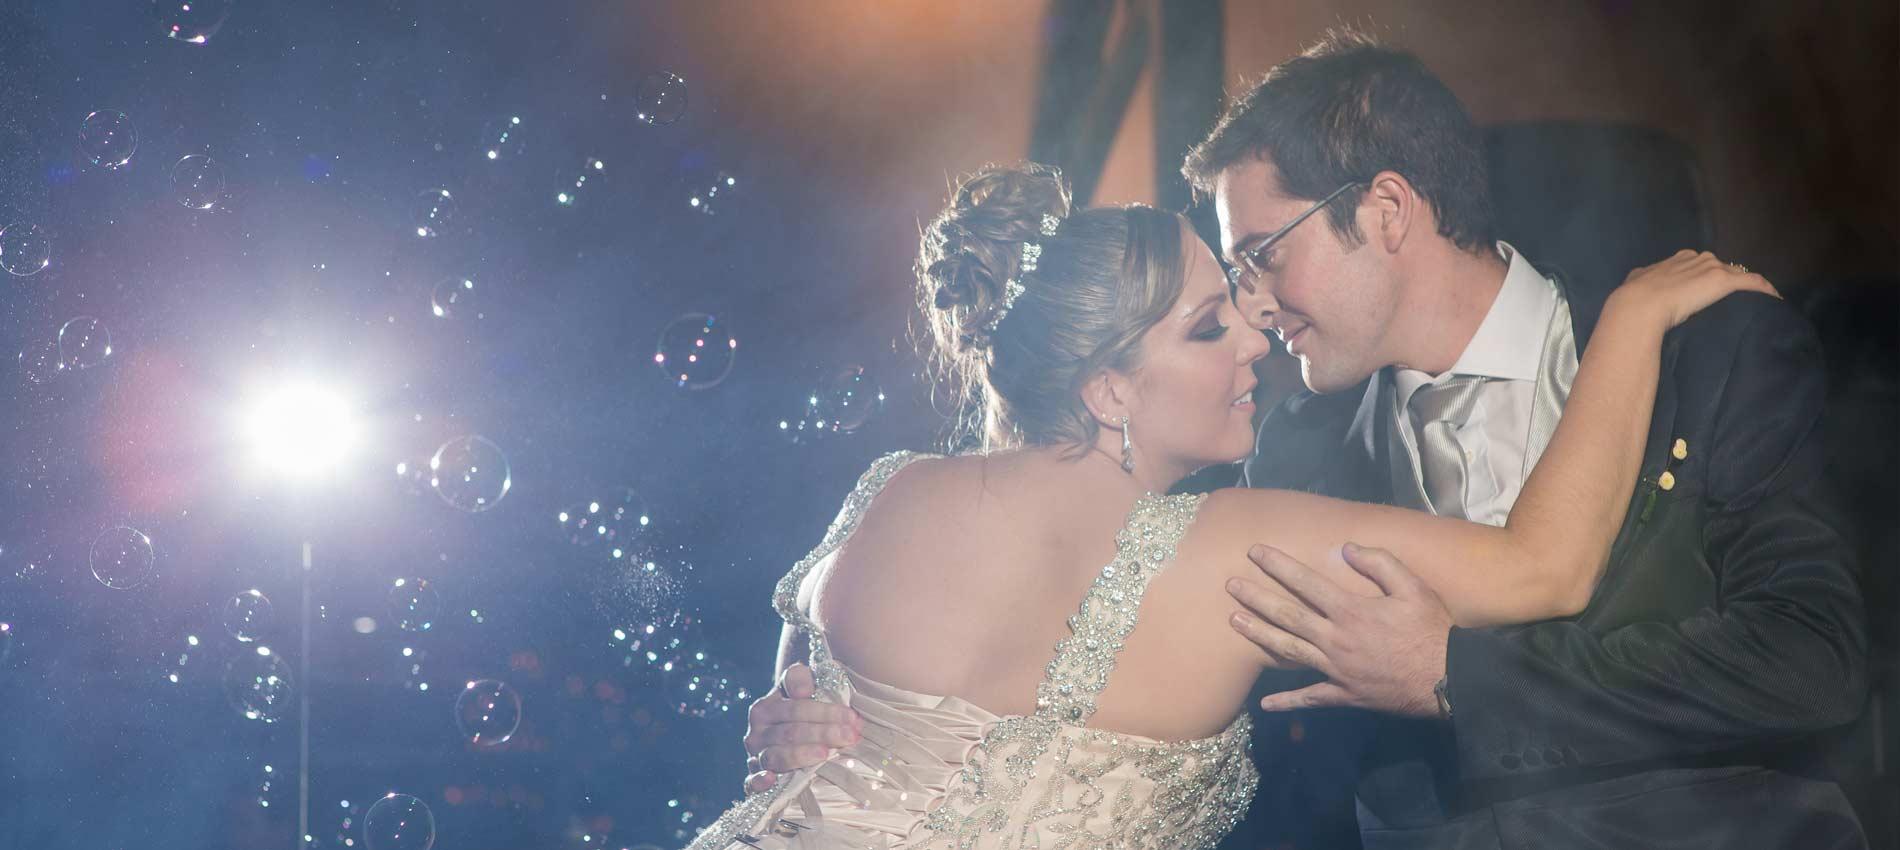 Fotografo-de-bodas-en-sevilla